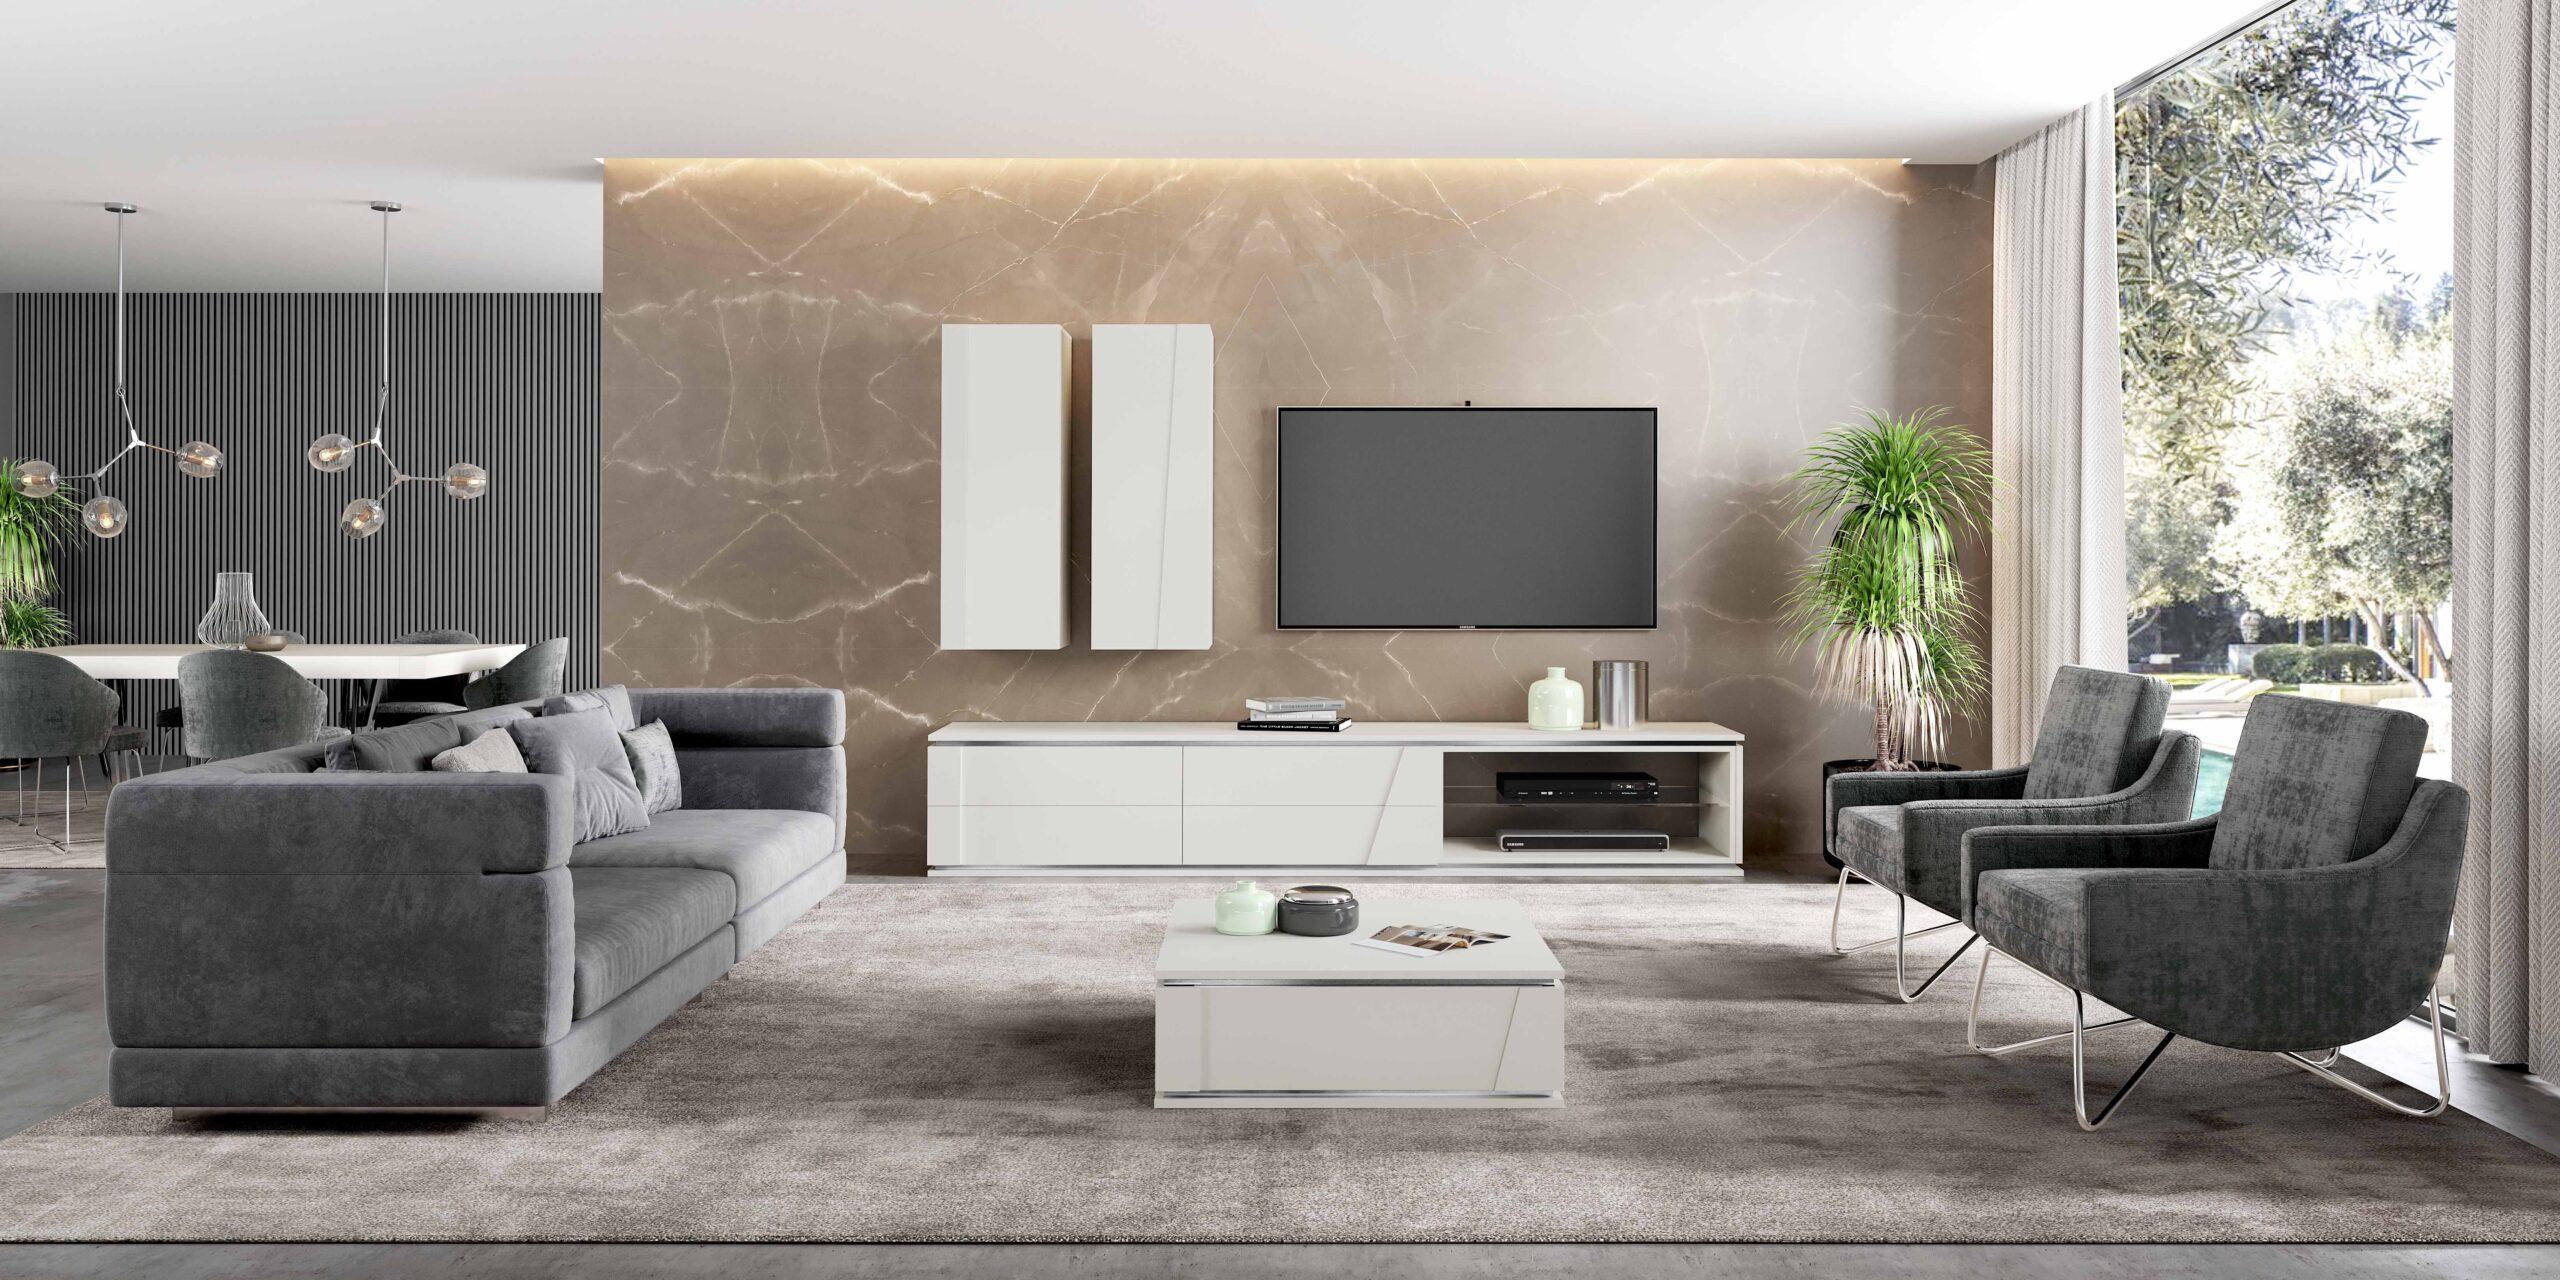 Sala de estar moderna com conjunto de sofás e móvel de tv